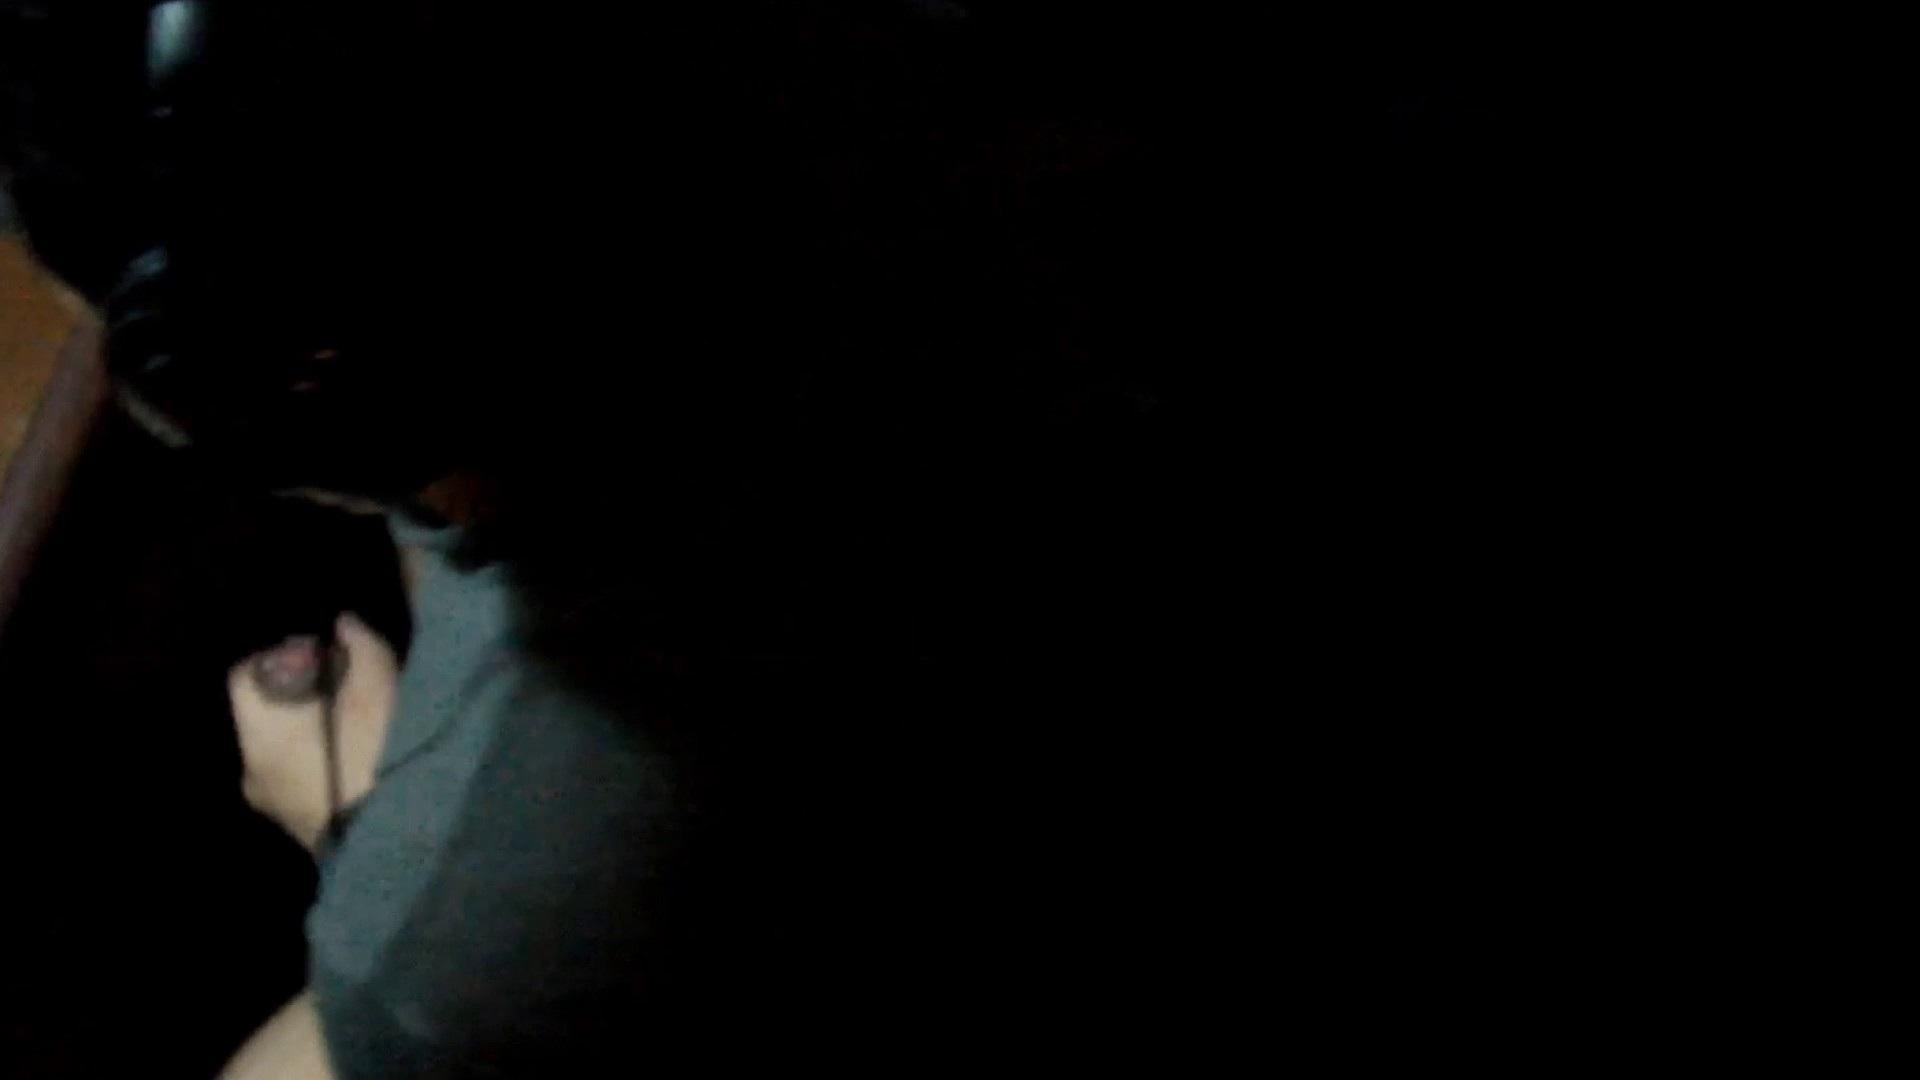 巨根 オナニー塾Vol.31 オナニー | モザイク無し アダルトビデオ画像キャプチャ 71pic 51